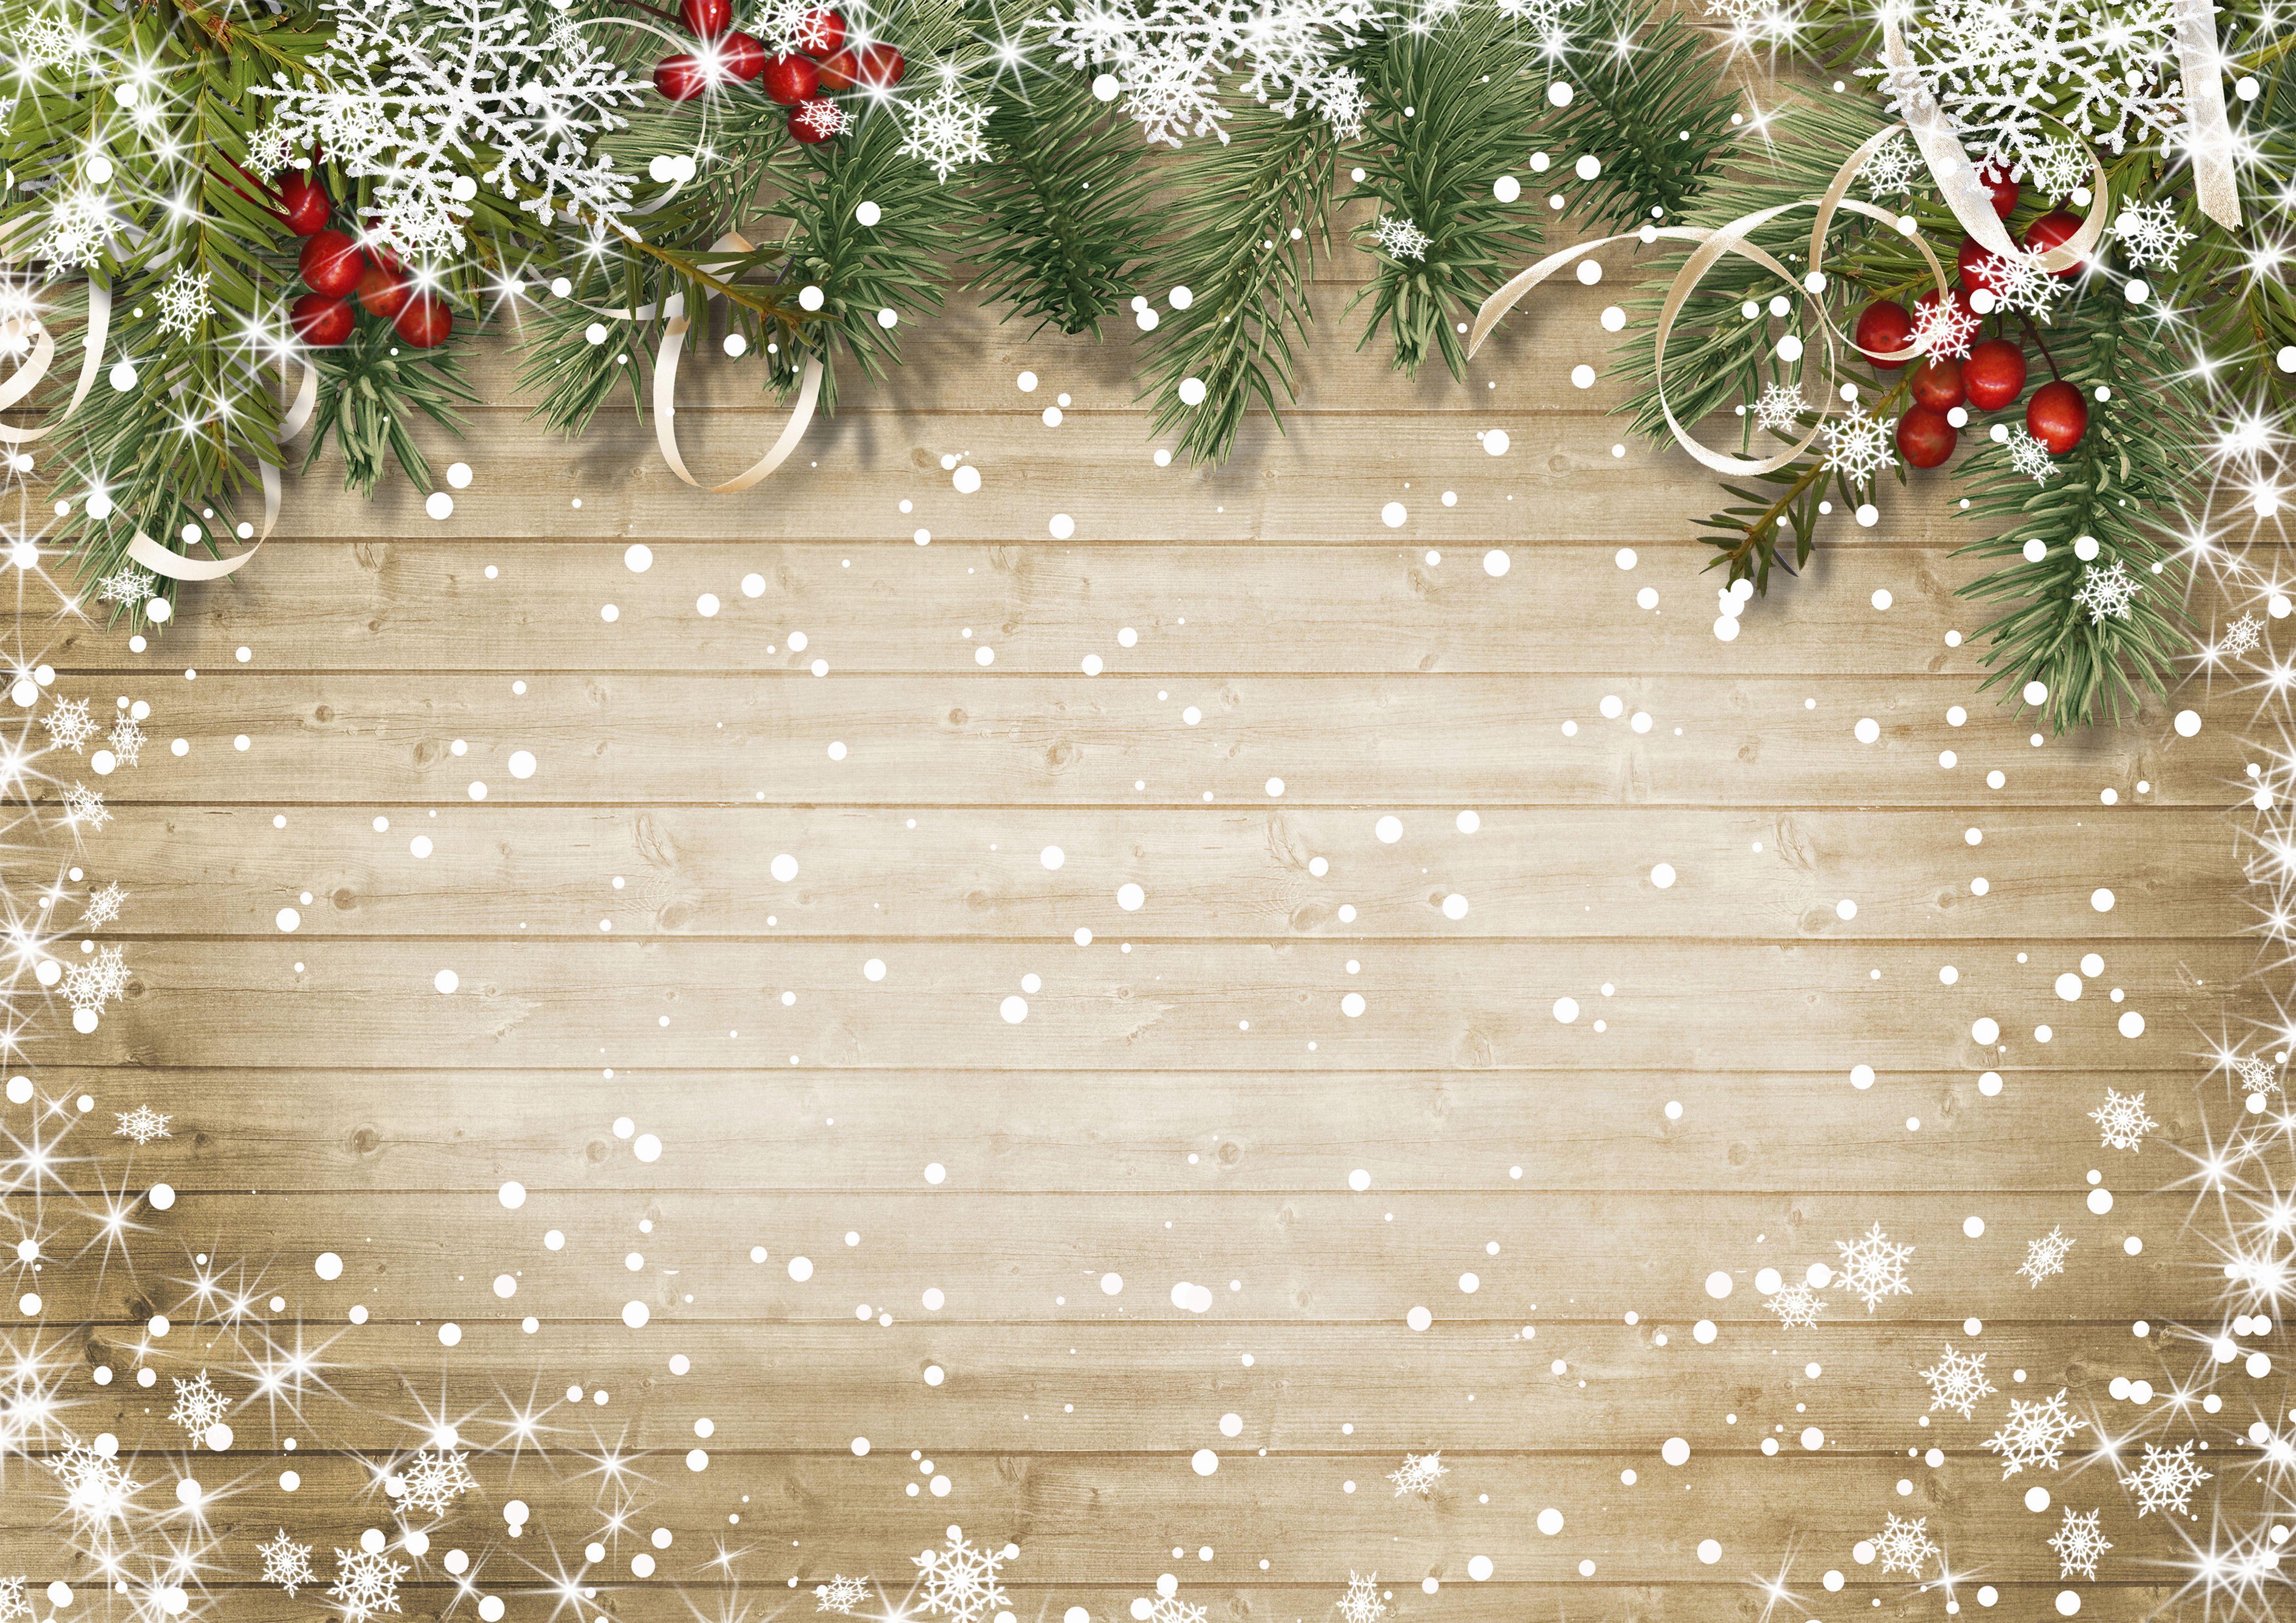 Best Wallpaper Christmas Wood - d2ef1e65b09eb80772f3ec01d3795810  You Should Have_486535 .jpg